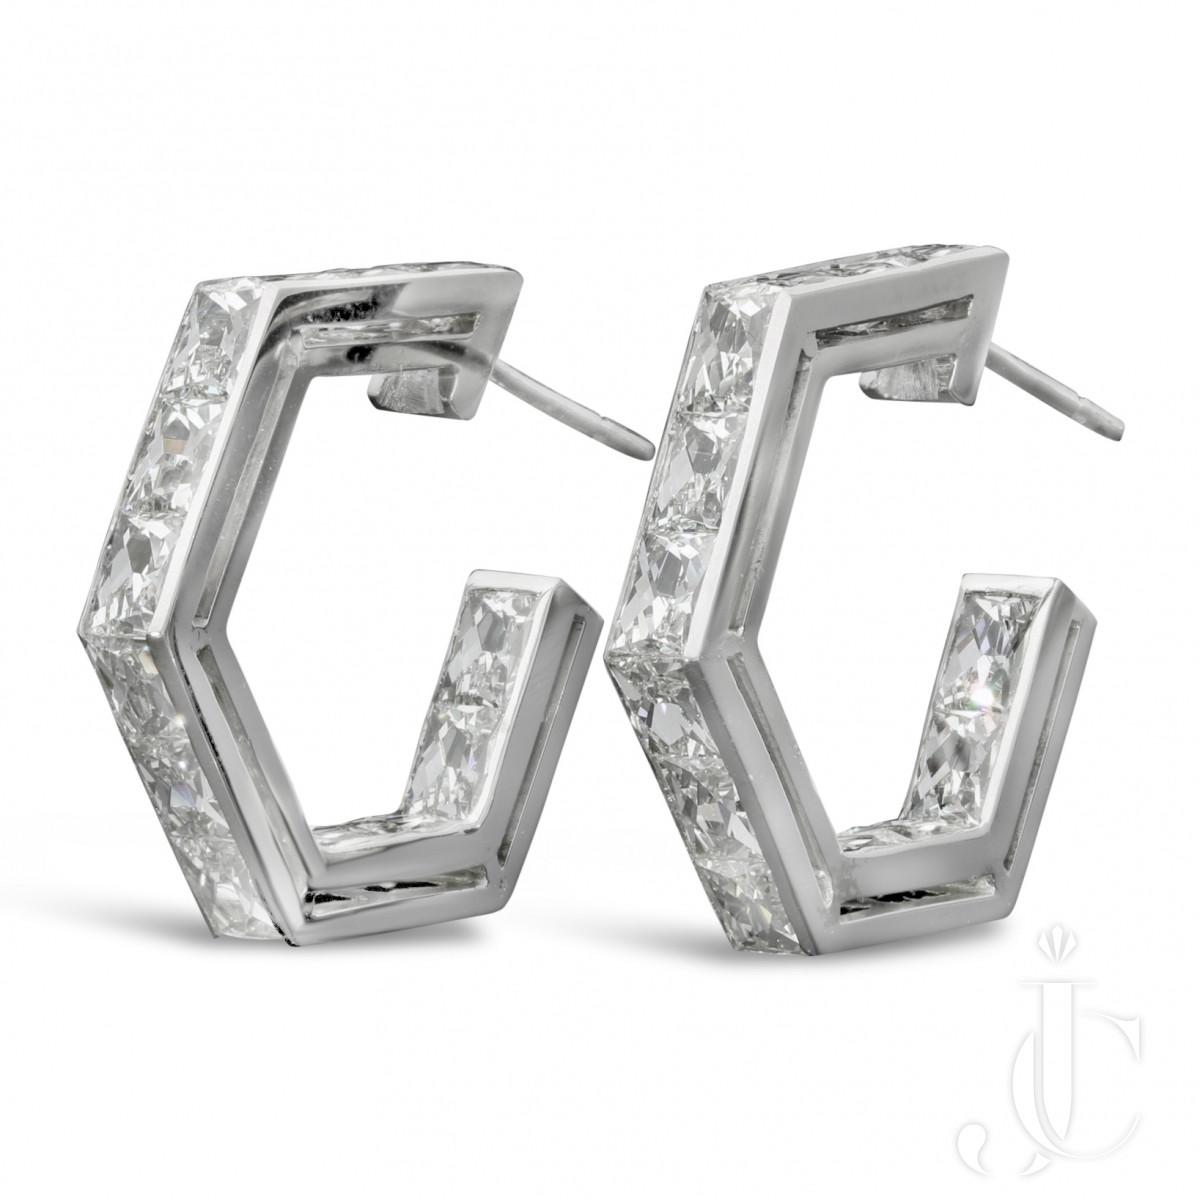 French cut Diamond geometric hoop earrings by Hancocks